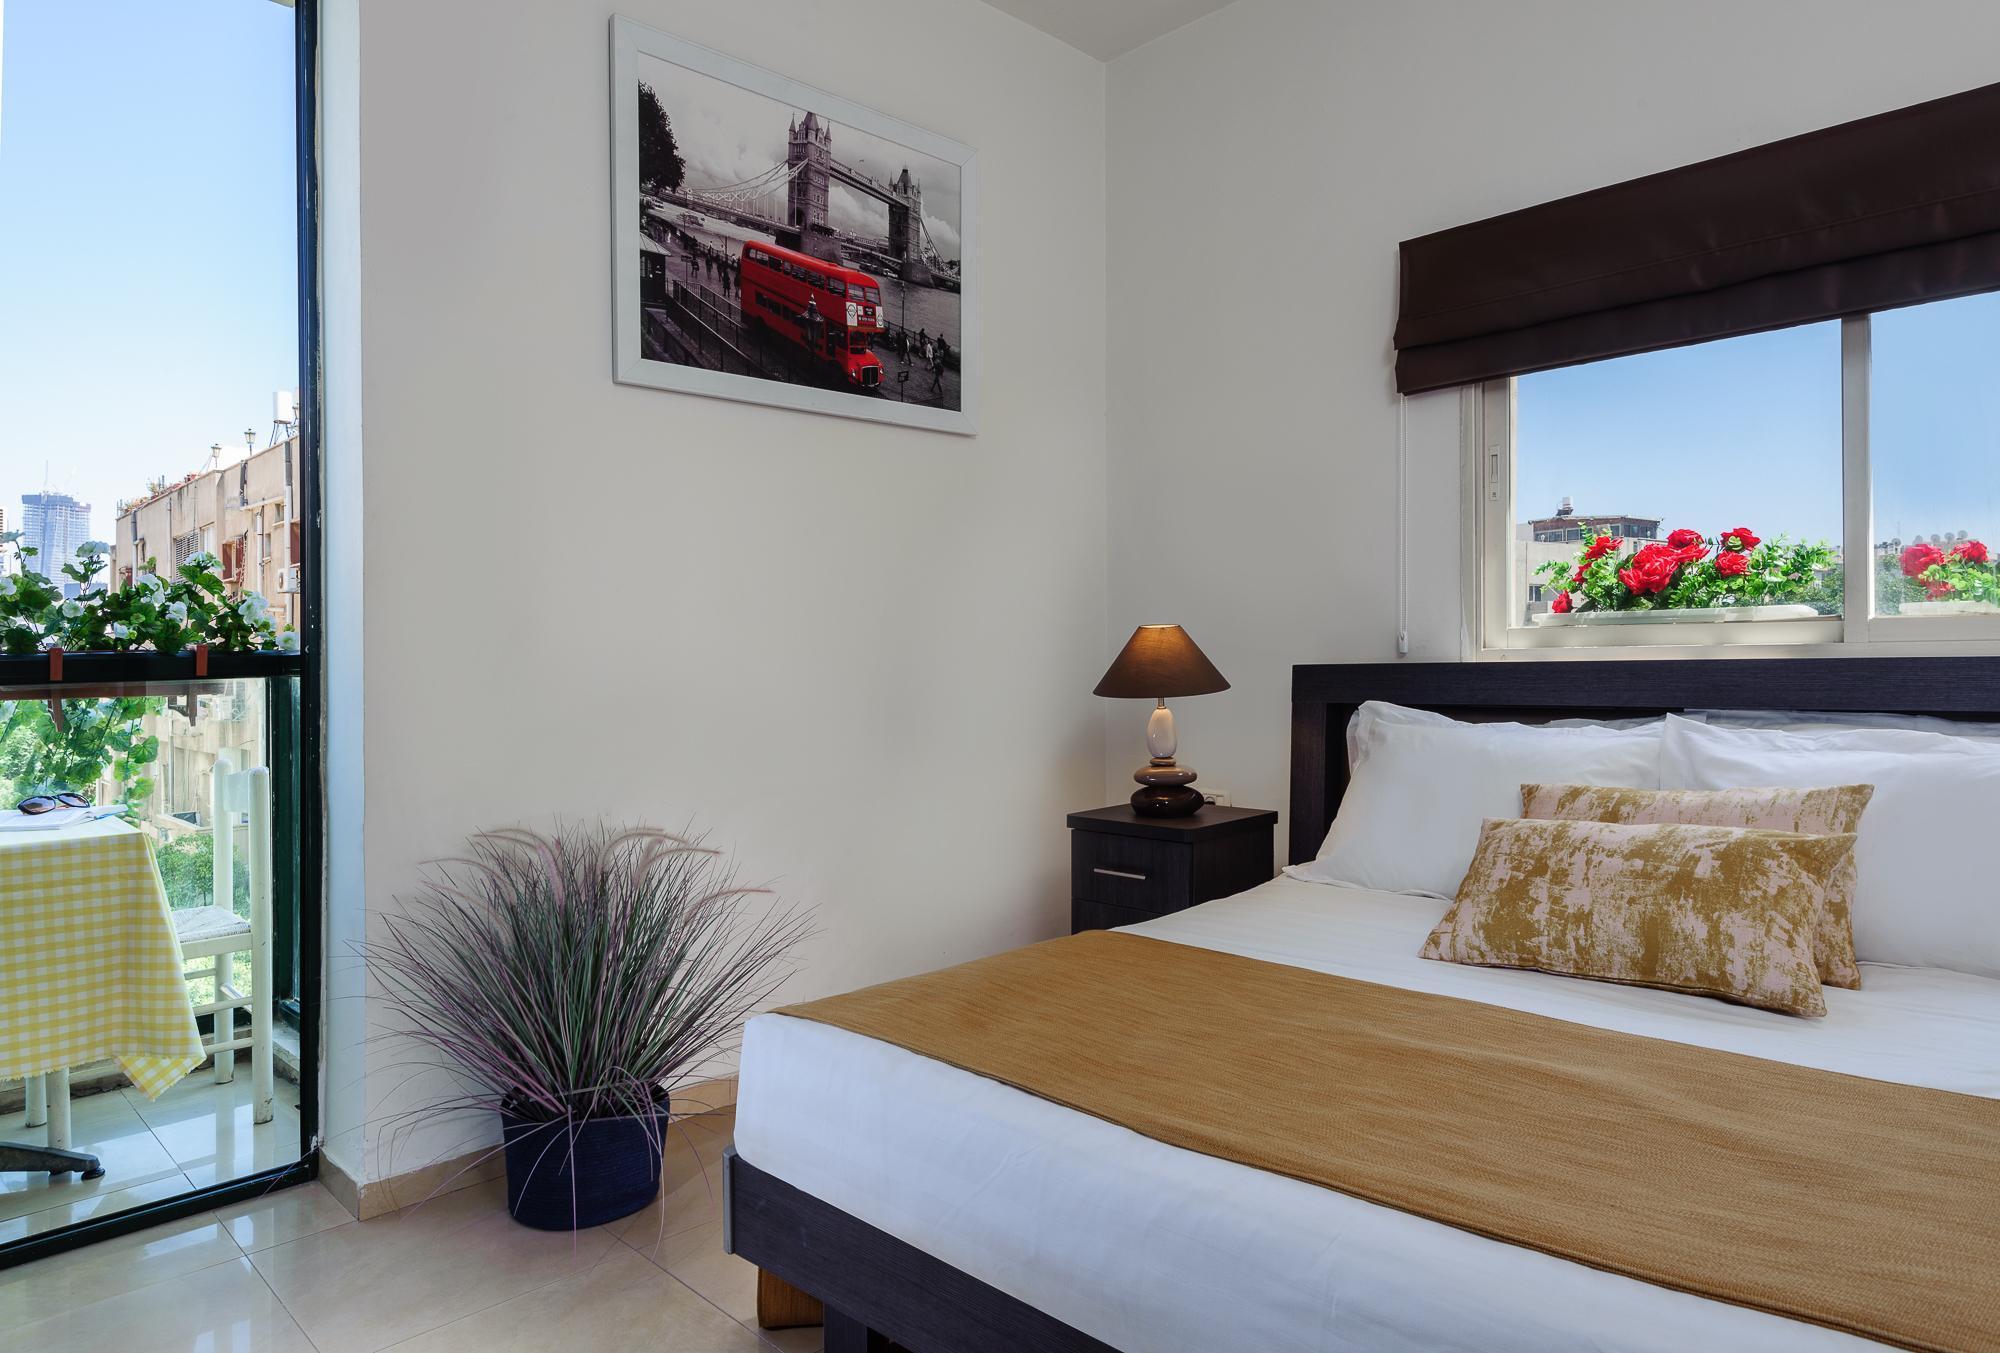 אולטרה מידי גורדון אין תל אביב (Gordon Inn & Suites) המחיר הזול ביותר   Agoda.com RY-66